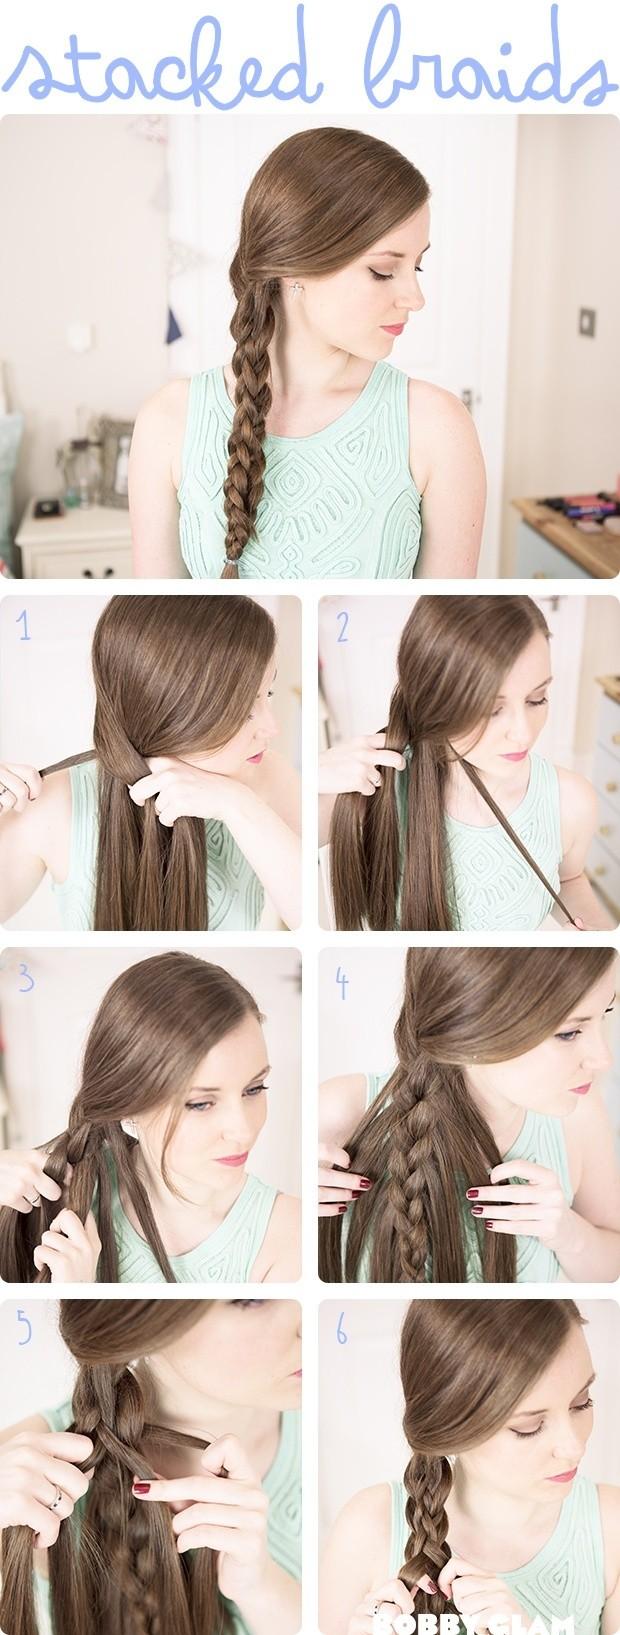 Comment coiffer : Tutoriel sur les tresses empilées